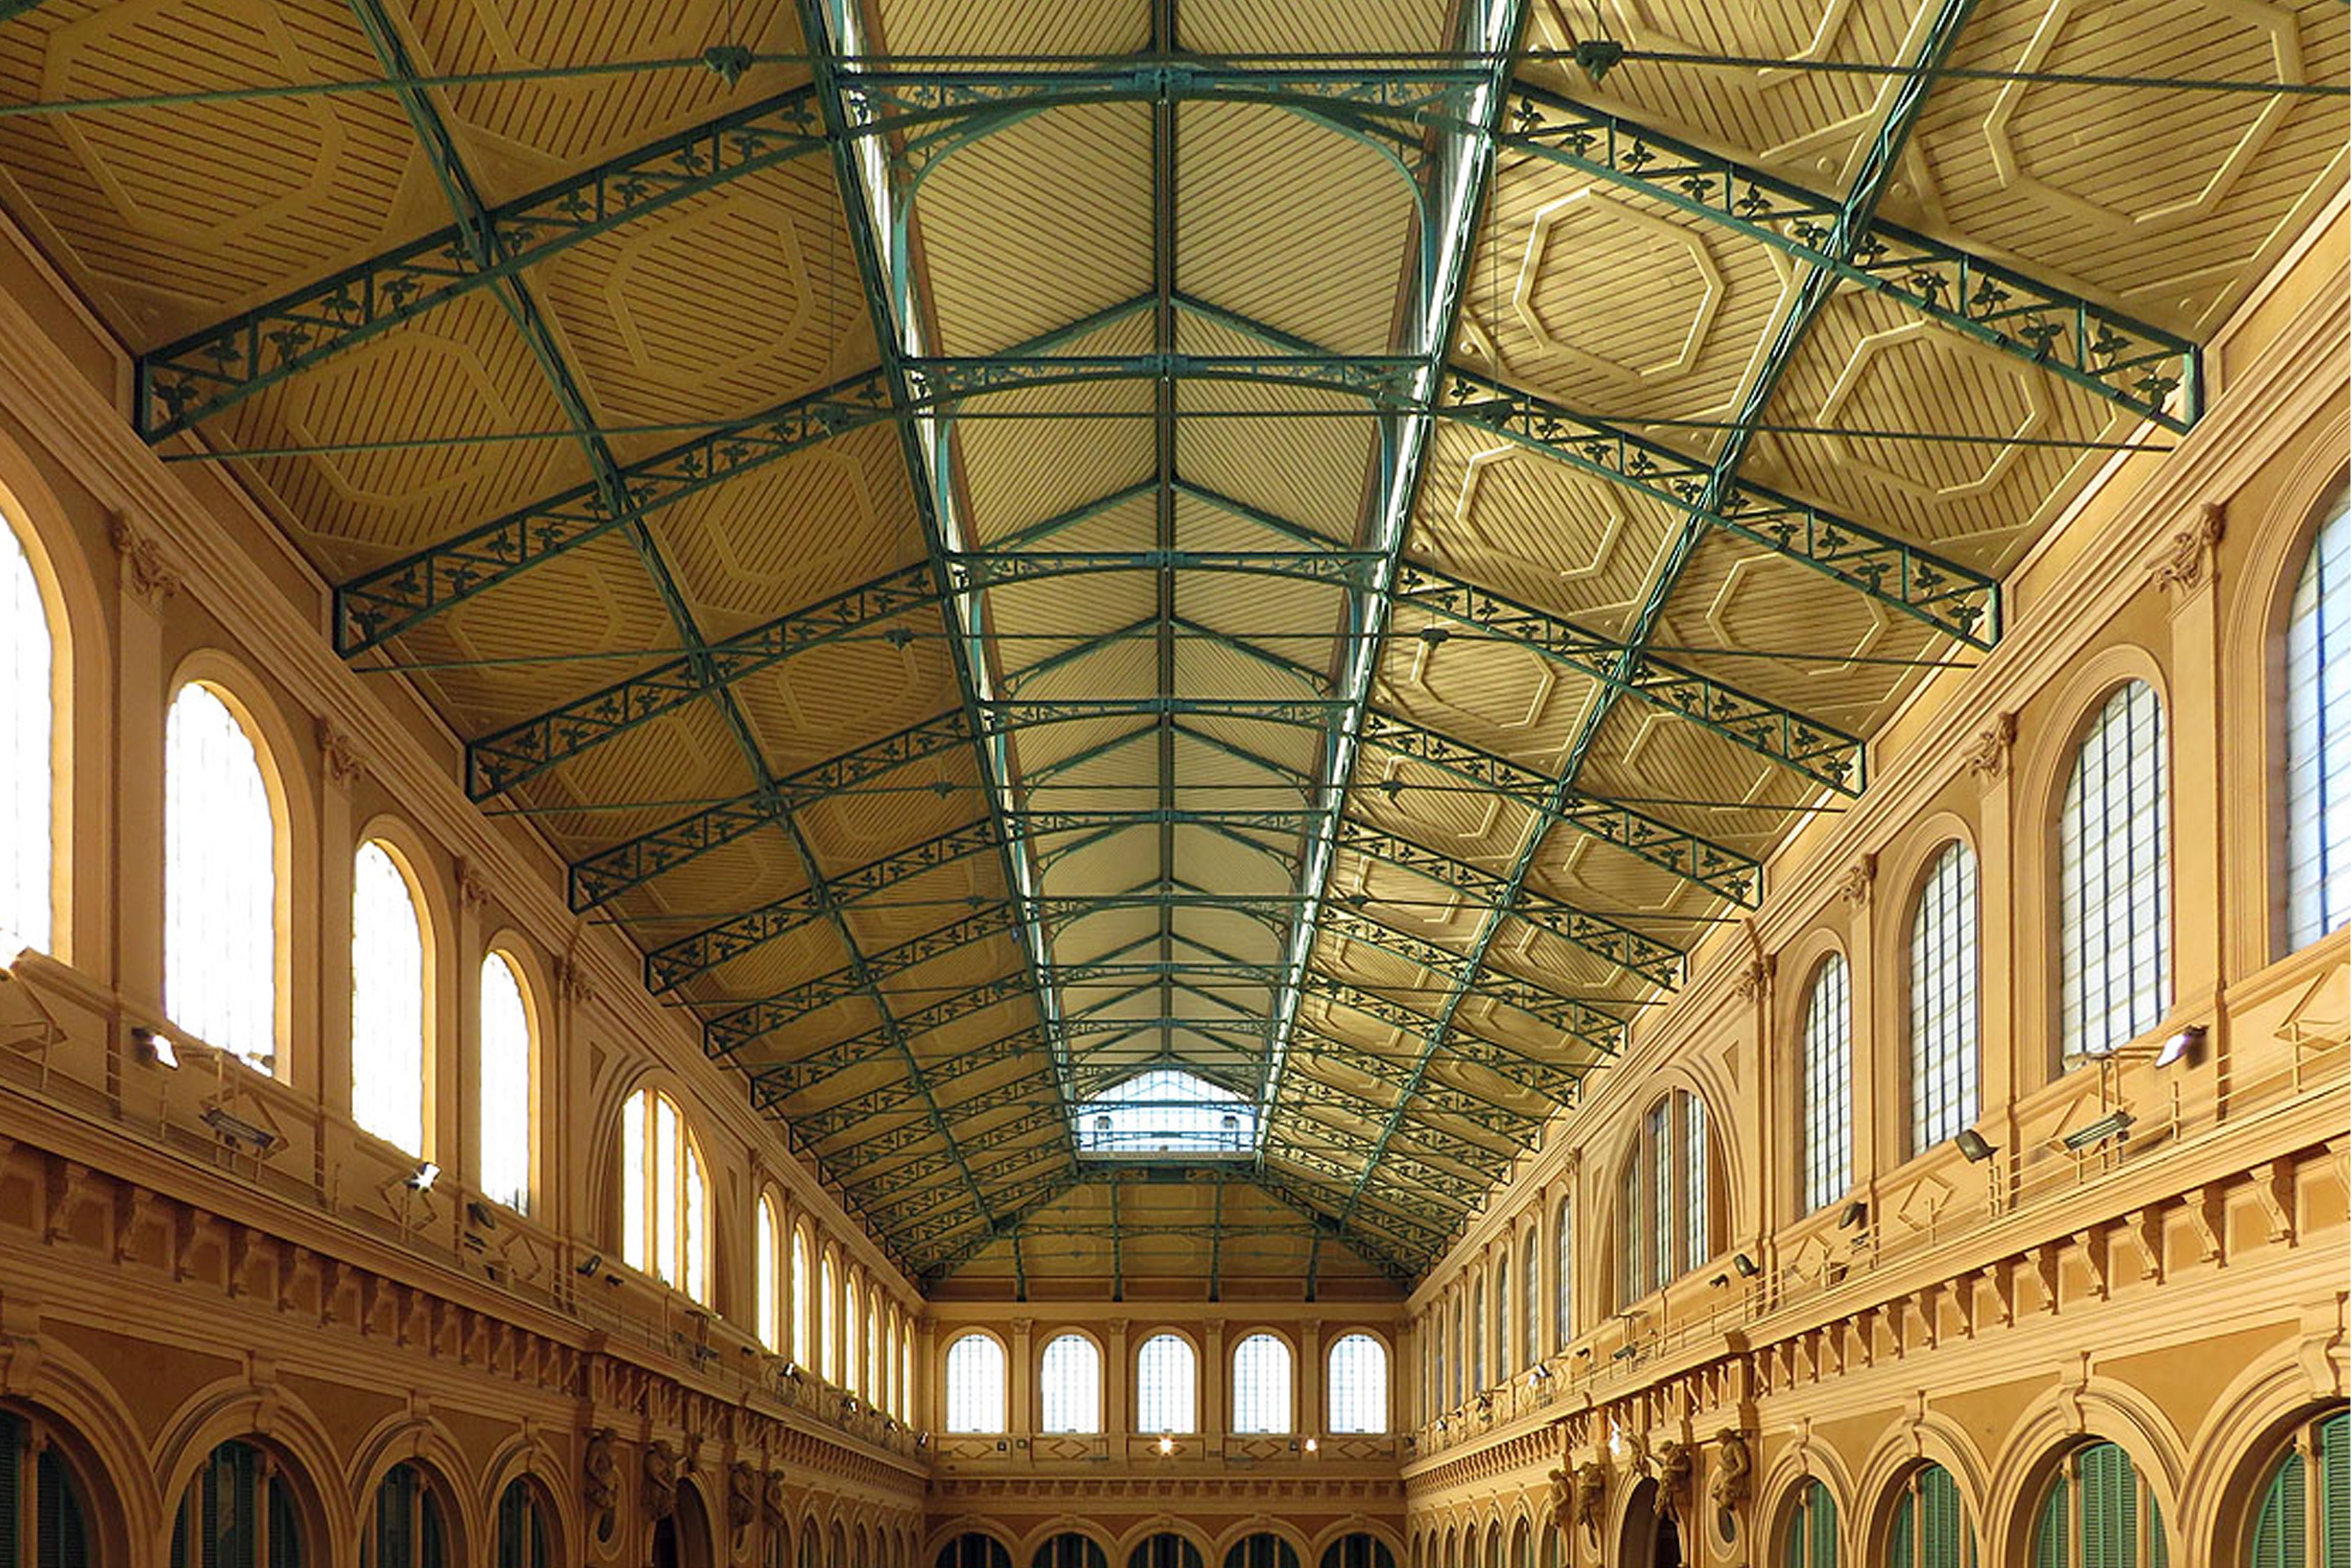 mercato delle vettovaglie di livorno - pastificio valerio chiesa - the king gold